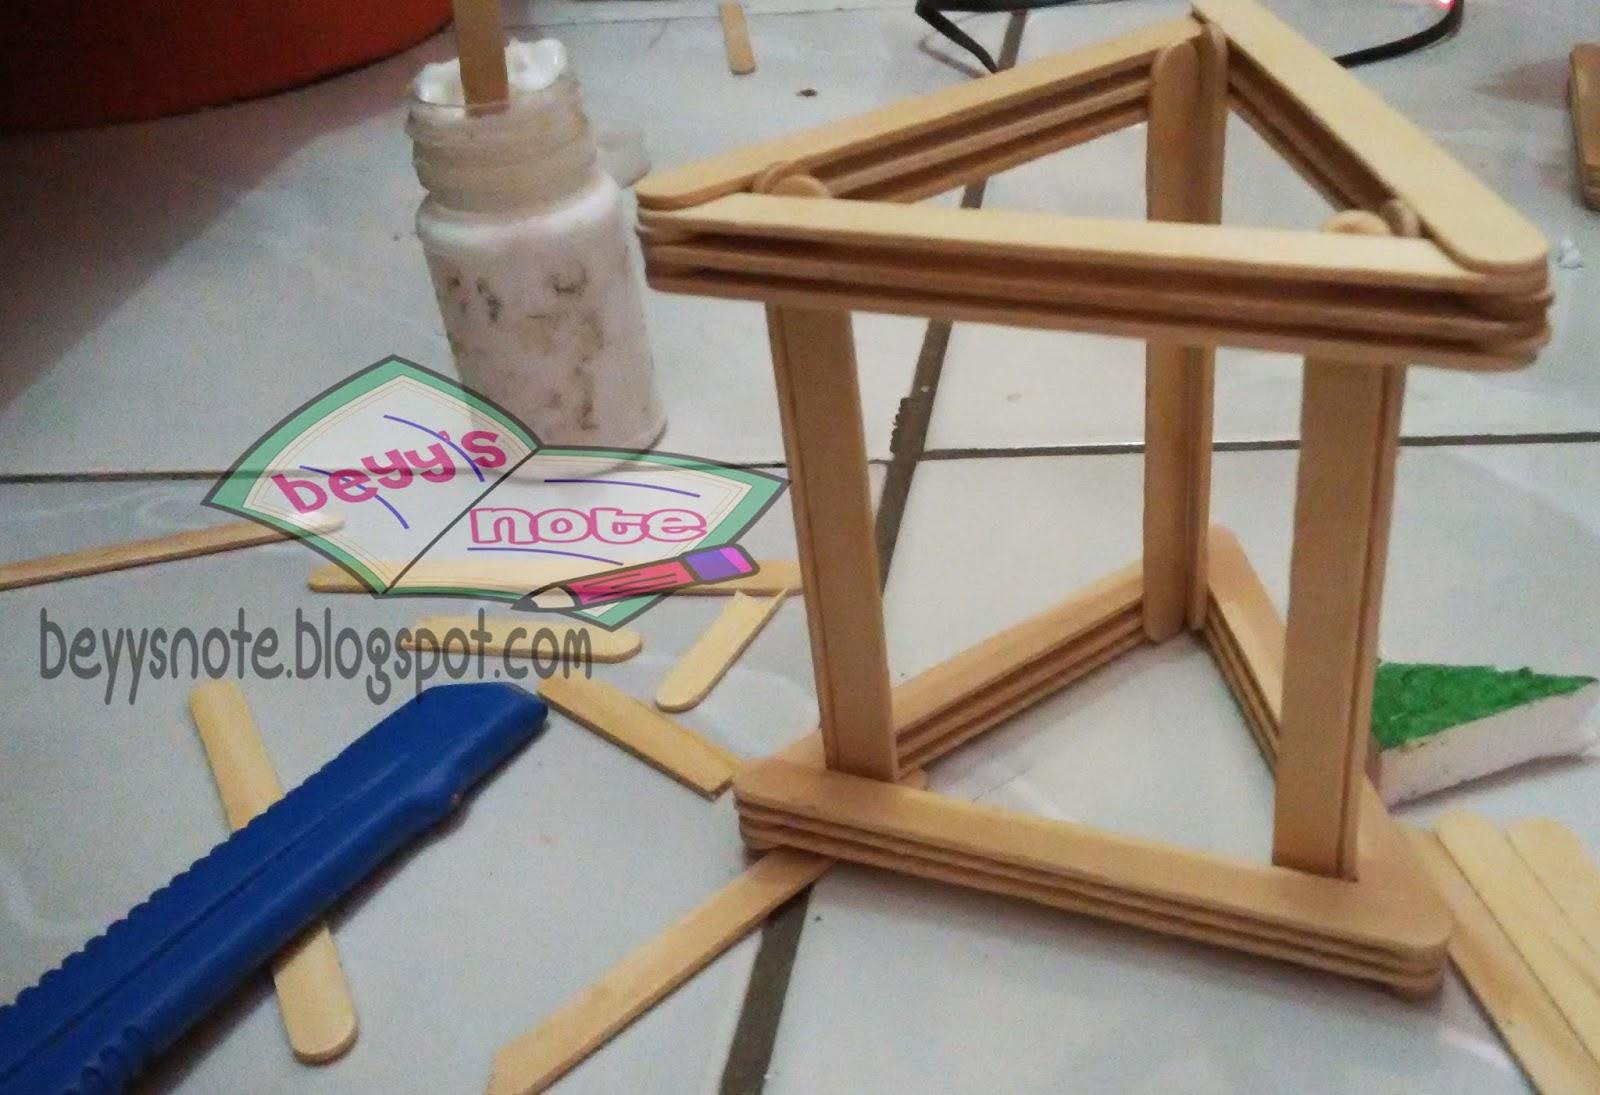 Membuat Vas Bunga Dari Stik Es Krim Beyy S Note